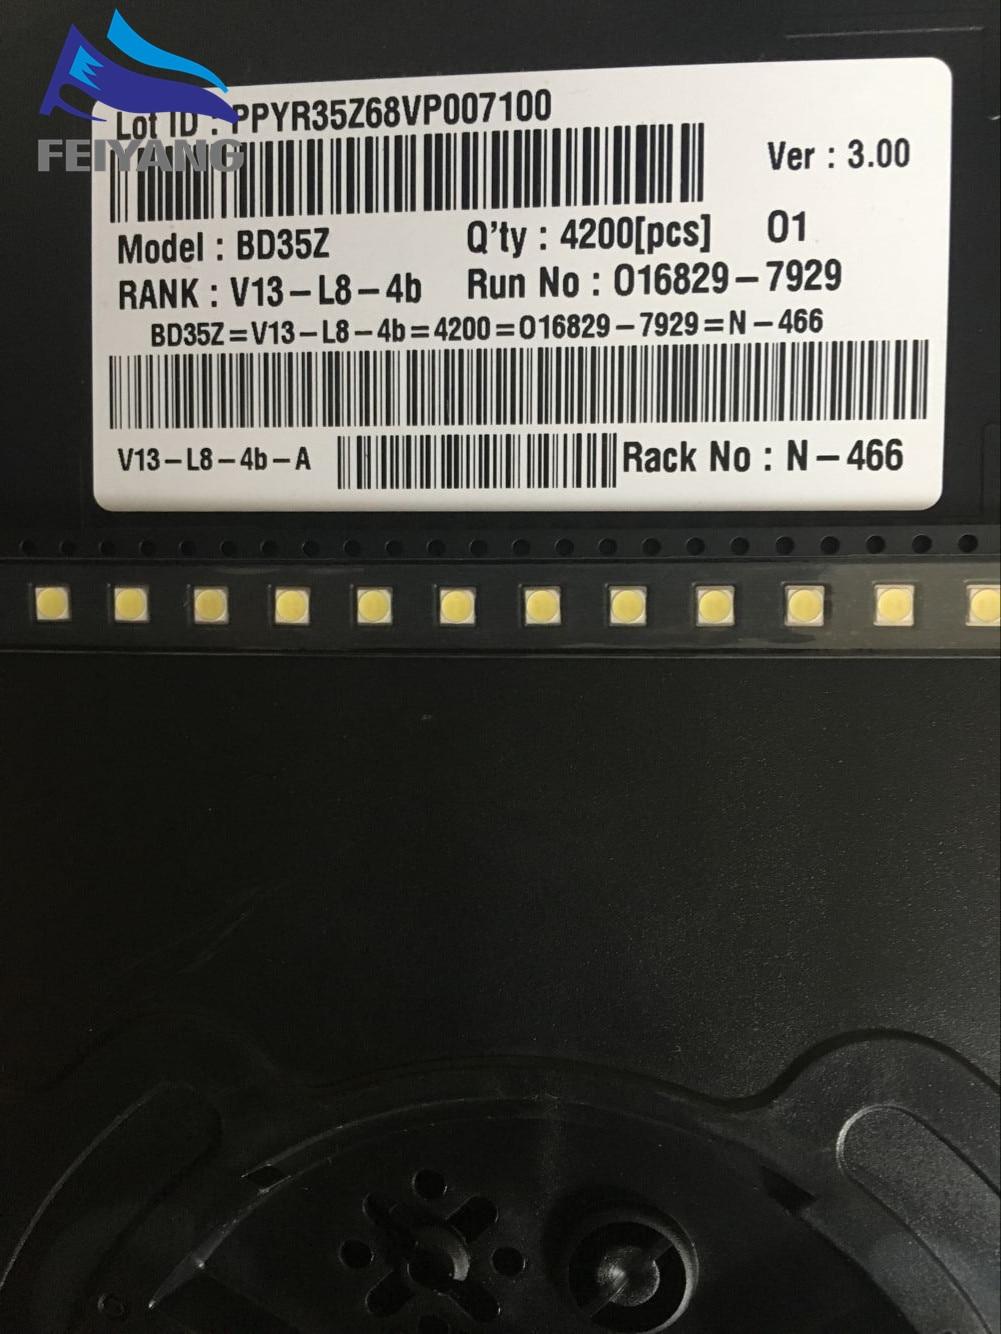 3000pcs FOR LG LED LED Backlight 2W 6V 3535 Cool white LCD Backlight for TV TV Application style-2